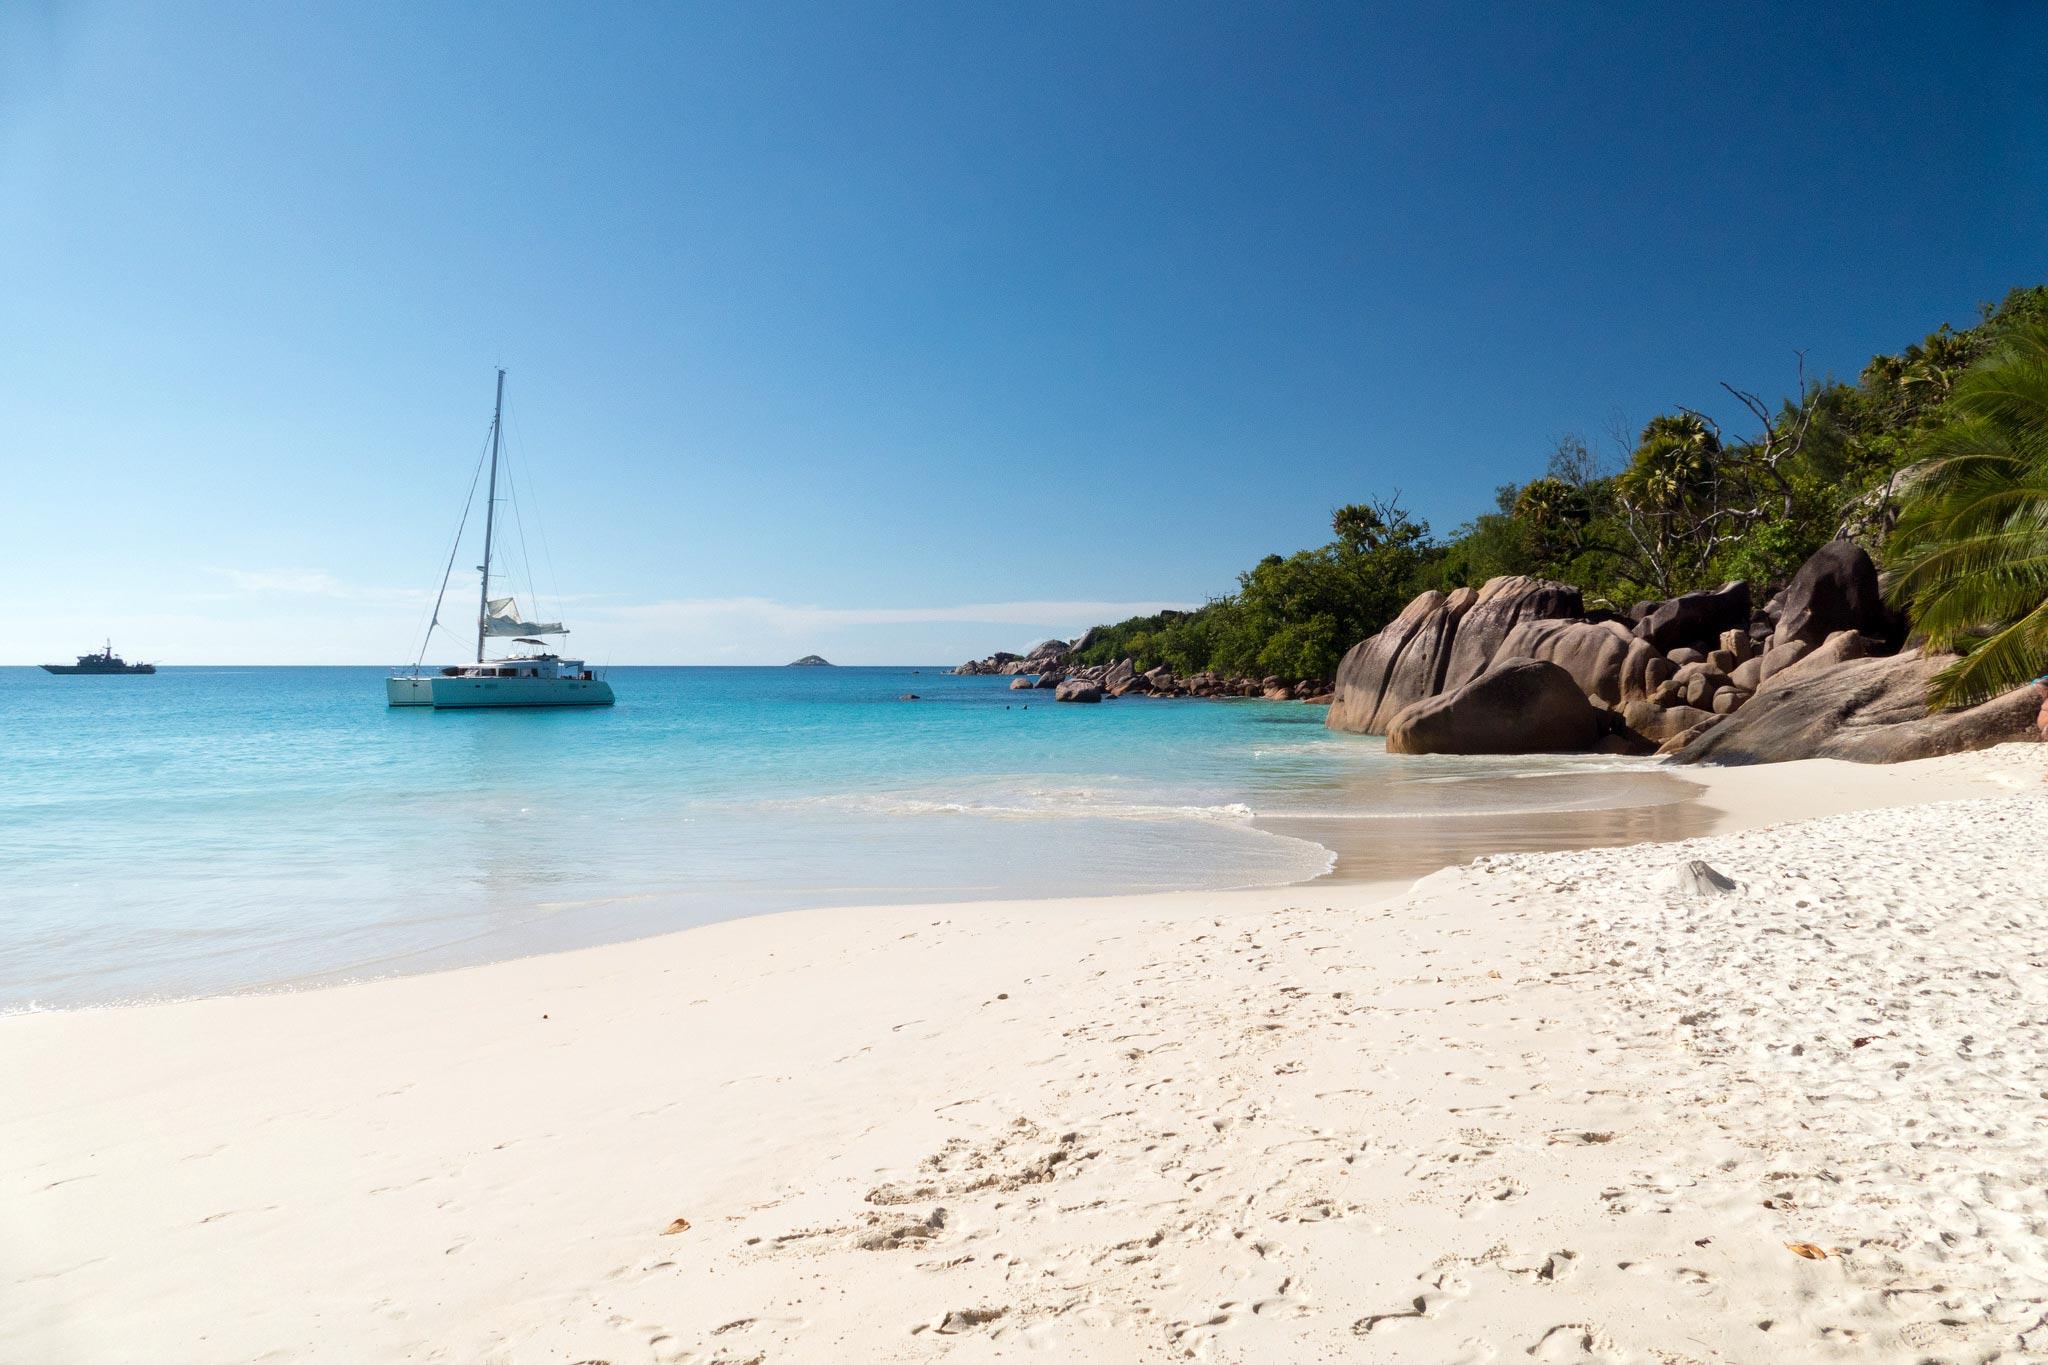 les 15 plus belles plages paradisiaques au monde. Black Bedroom Furniture Sets. Home Design Ideas